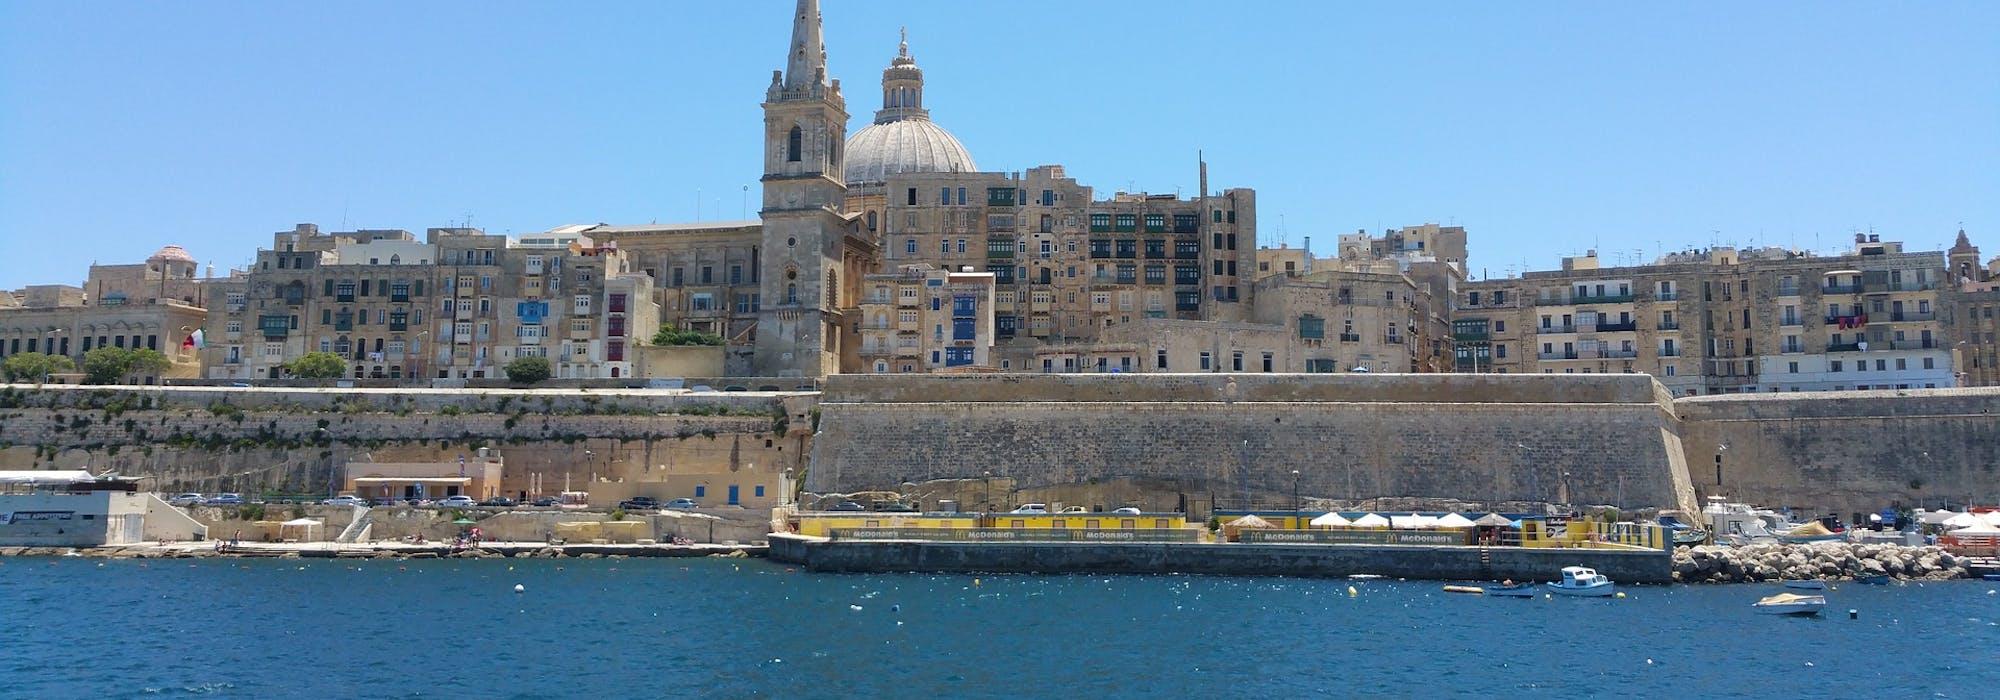 Bild på havet och Vallettas byggnader och stenmur.